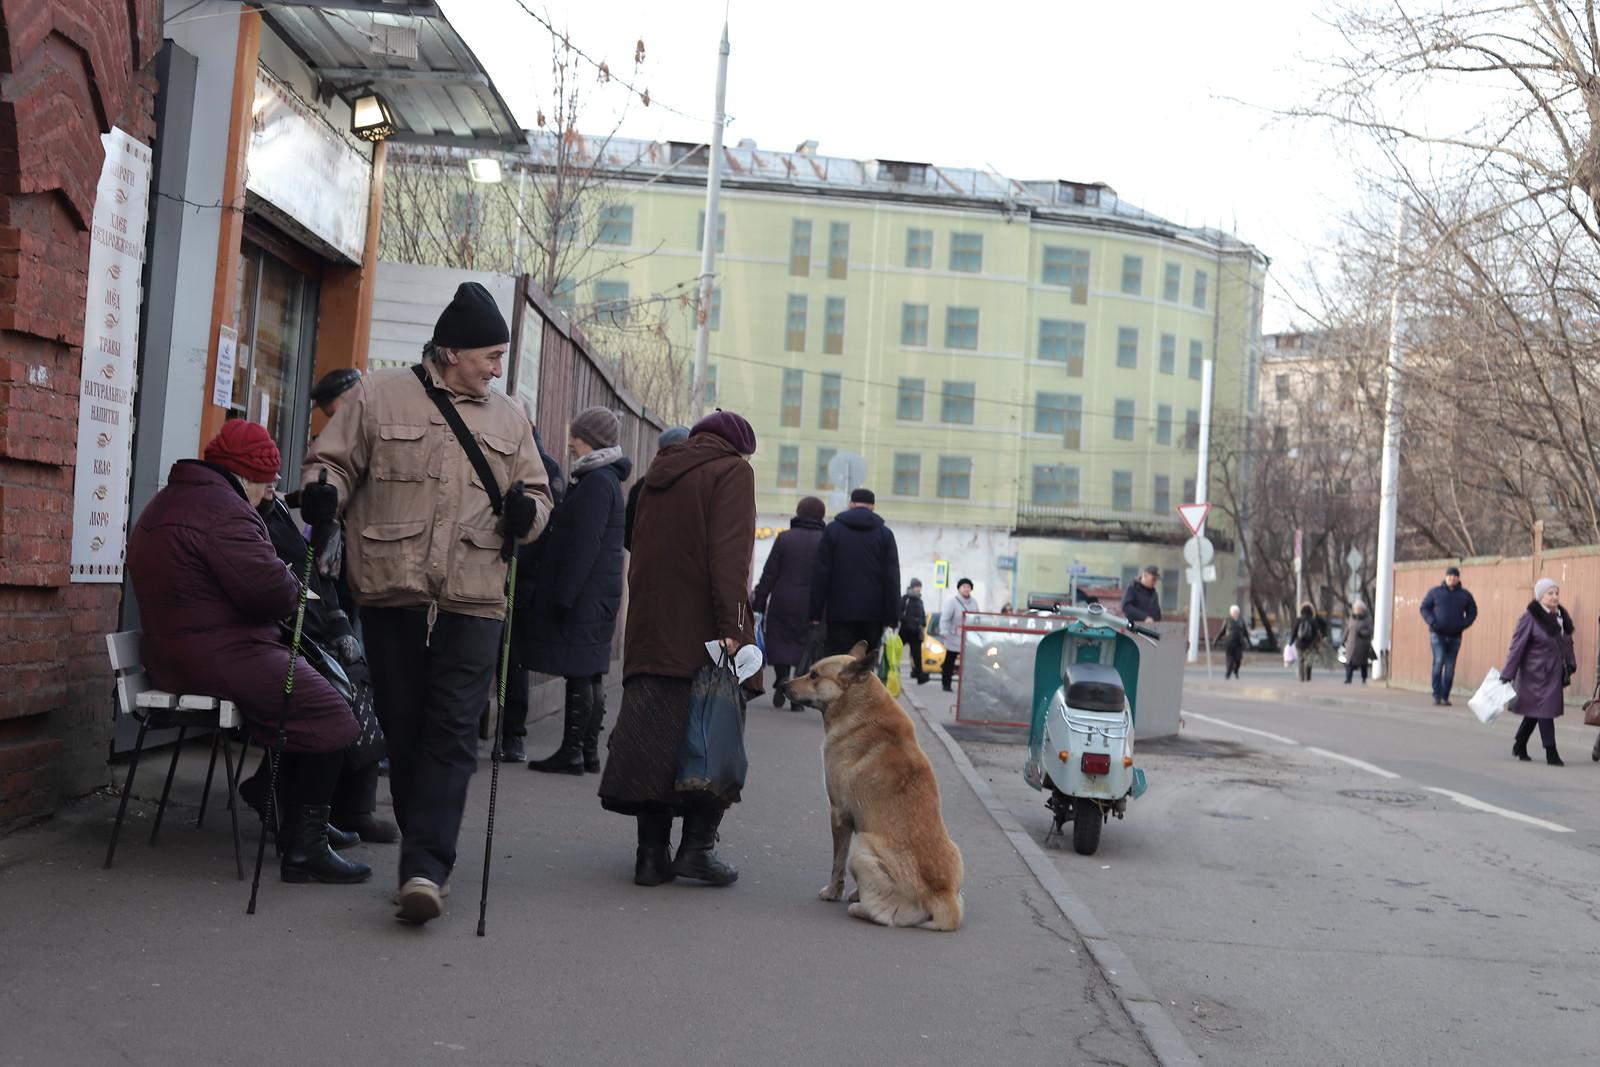 Moskva_dez19_0255